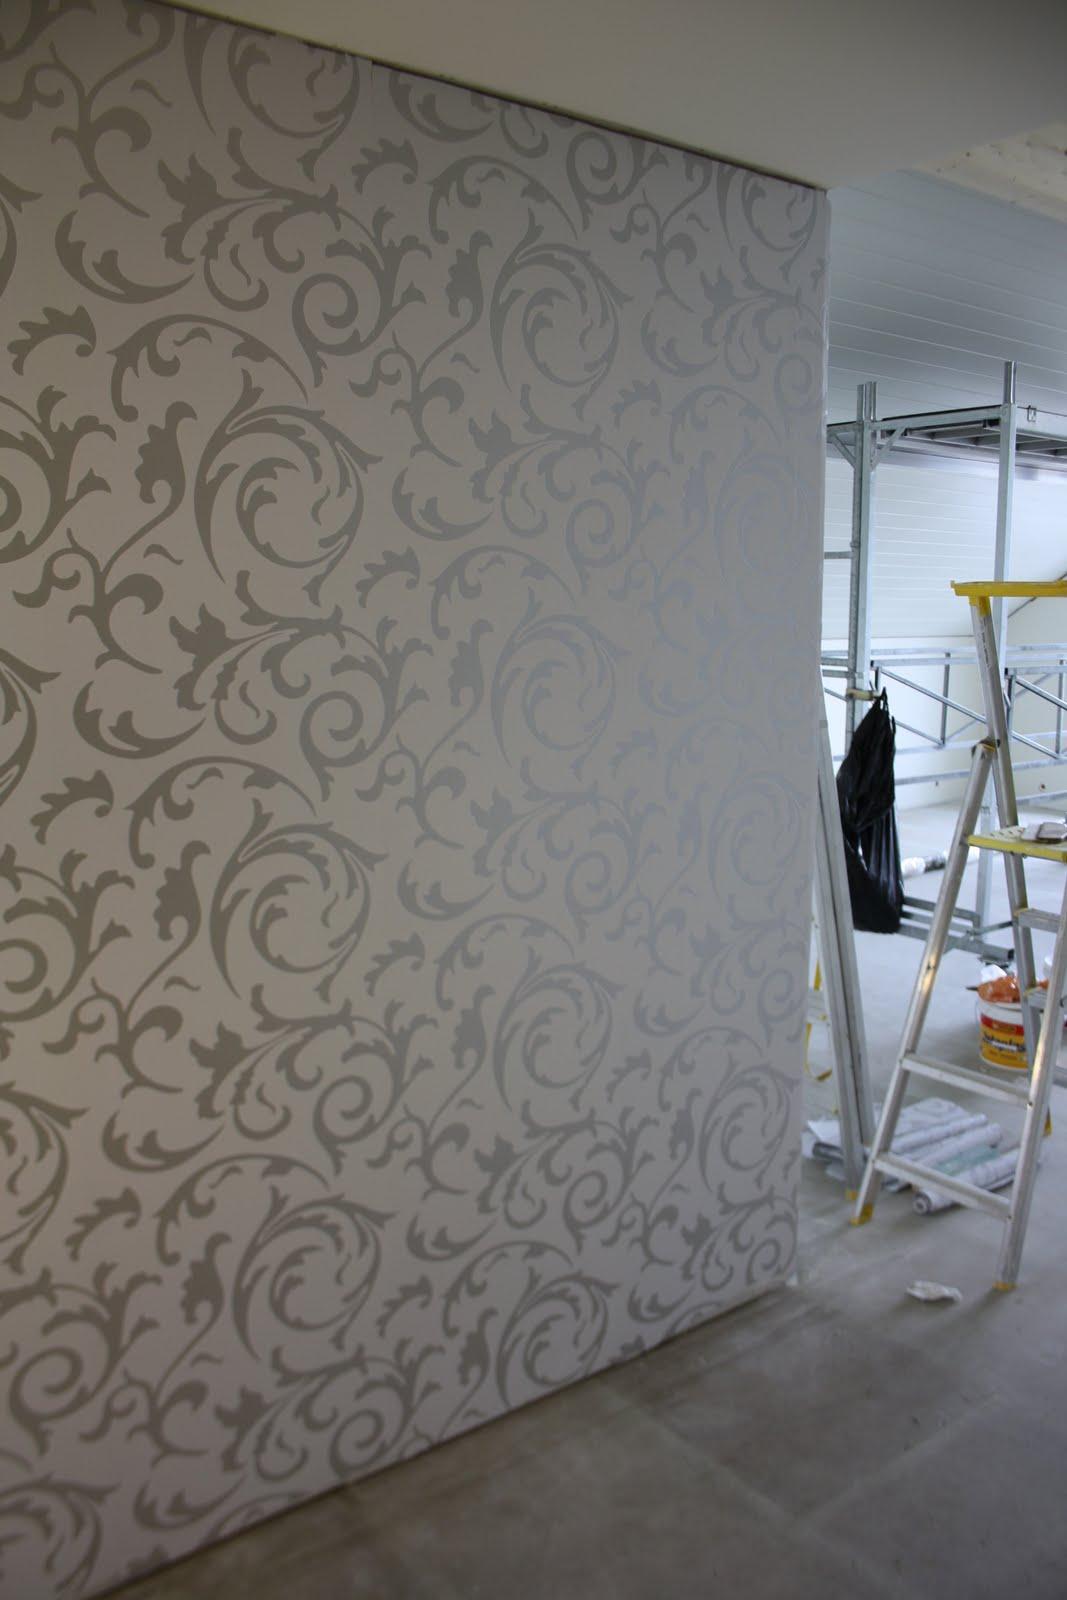 Fint med en temavegg. Resten av veggene er slette og grå, tapeter ...